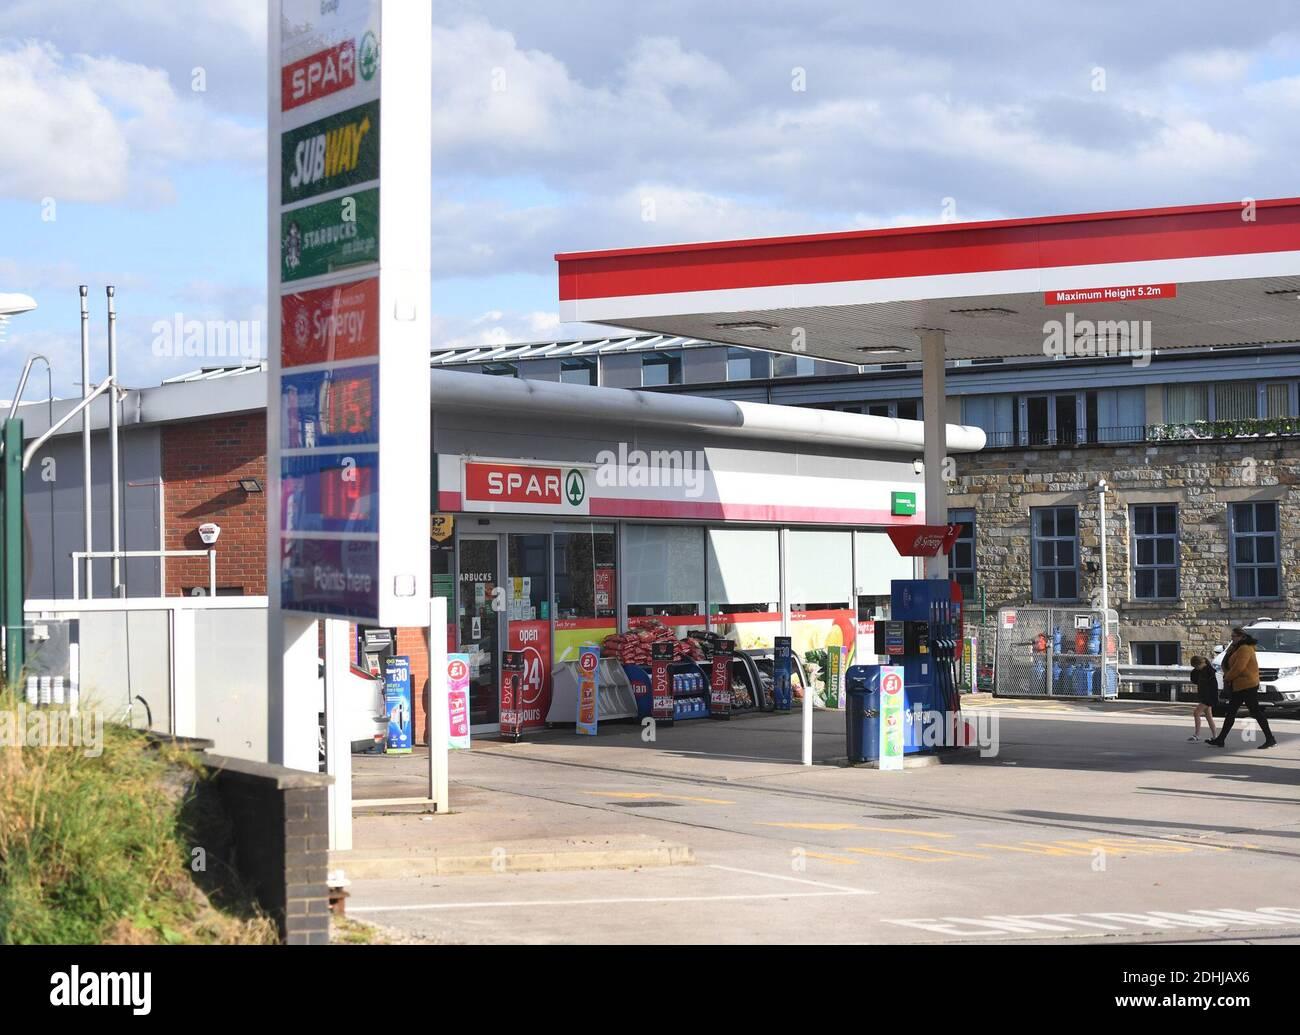 GV des garages ESSO SPAR Euro sur Brandlesholme Road, Bury, jeudi 1er octobre 2020. La chaîne de supermarchés Asda doit être vendue à deux frères de Blackburn dans le cadre d'un marché d'une valeur de 6,8 milliards de livres sterling. Les nouveaux propriétaires, Mohsin et Zuber Issa, qui ont soutenu la société d'investissement TDR Capital, ont fondé leur entreprise de garages européens en 2001 avec une seule station-service à Bury qu'ils ont achetée pour 150,000 £. L'entreprise a désormais des sites en Europe, aux États-Unis et en Australie et des ventes annuelles d'environ 18 milliards de livres sterling. Banque D'Images